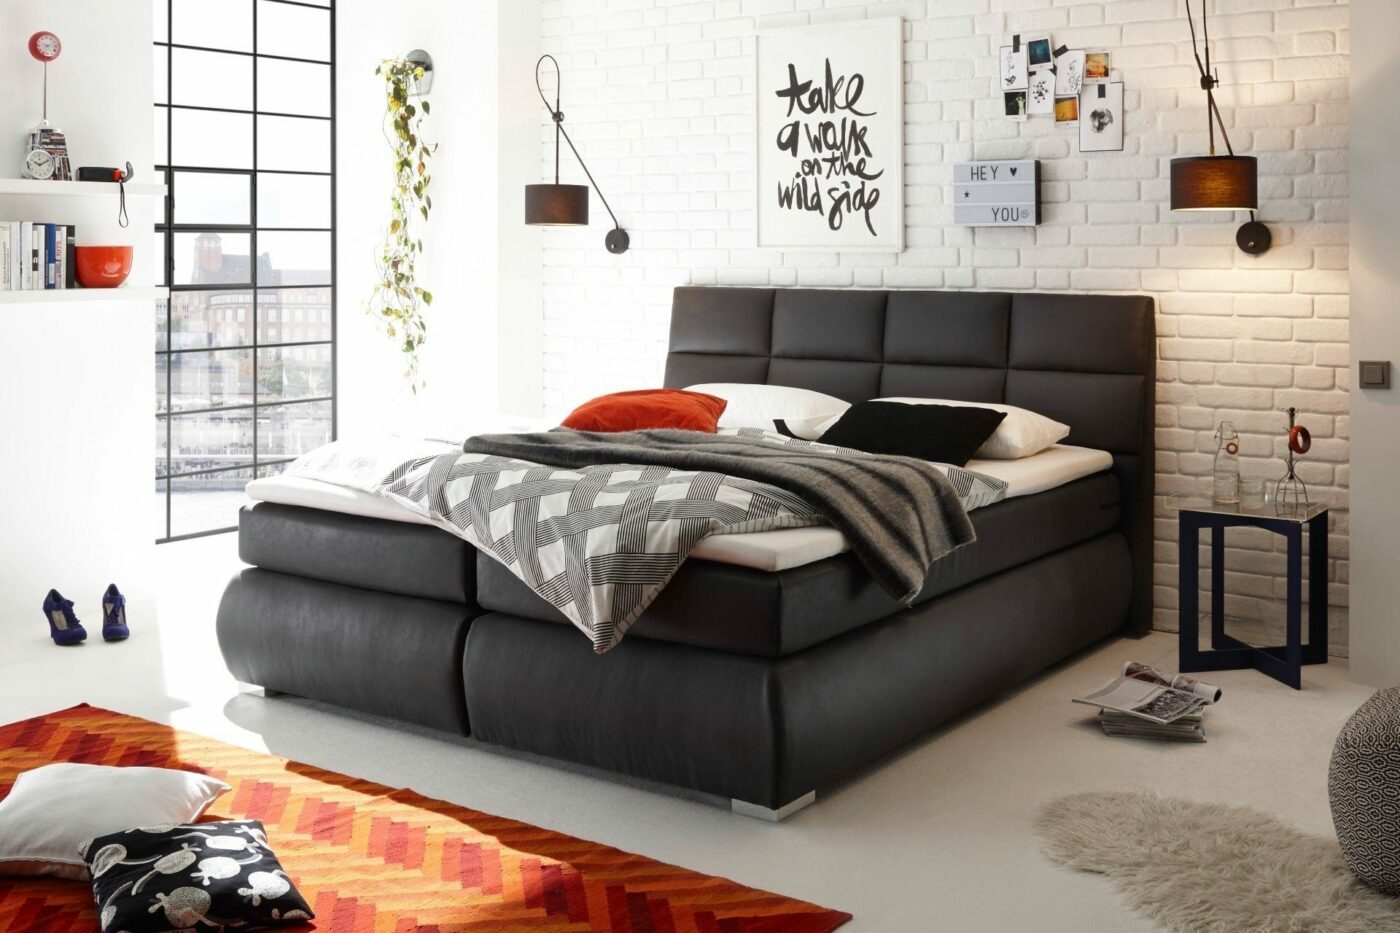 Dunkelgraues Bett vor weißer Ziegelwand